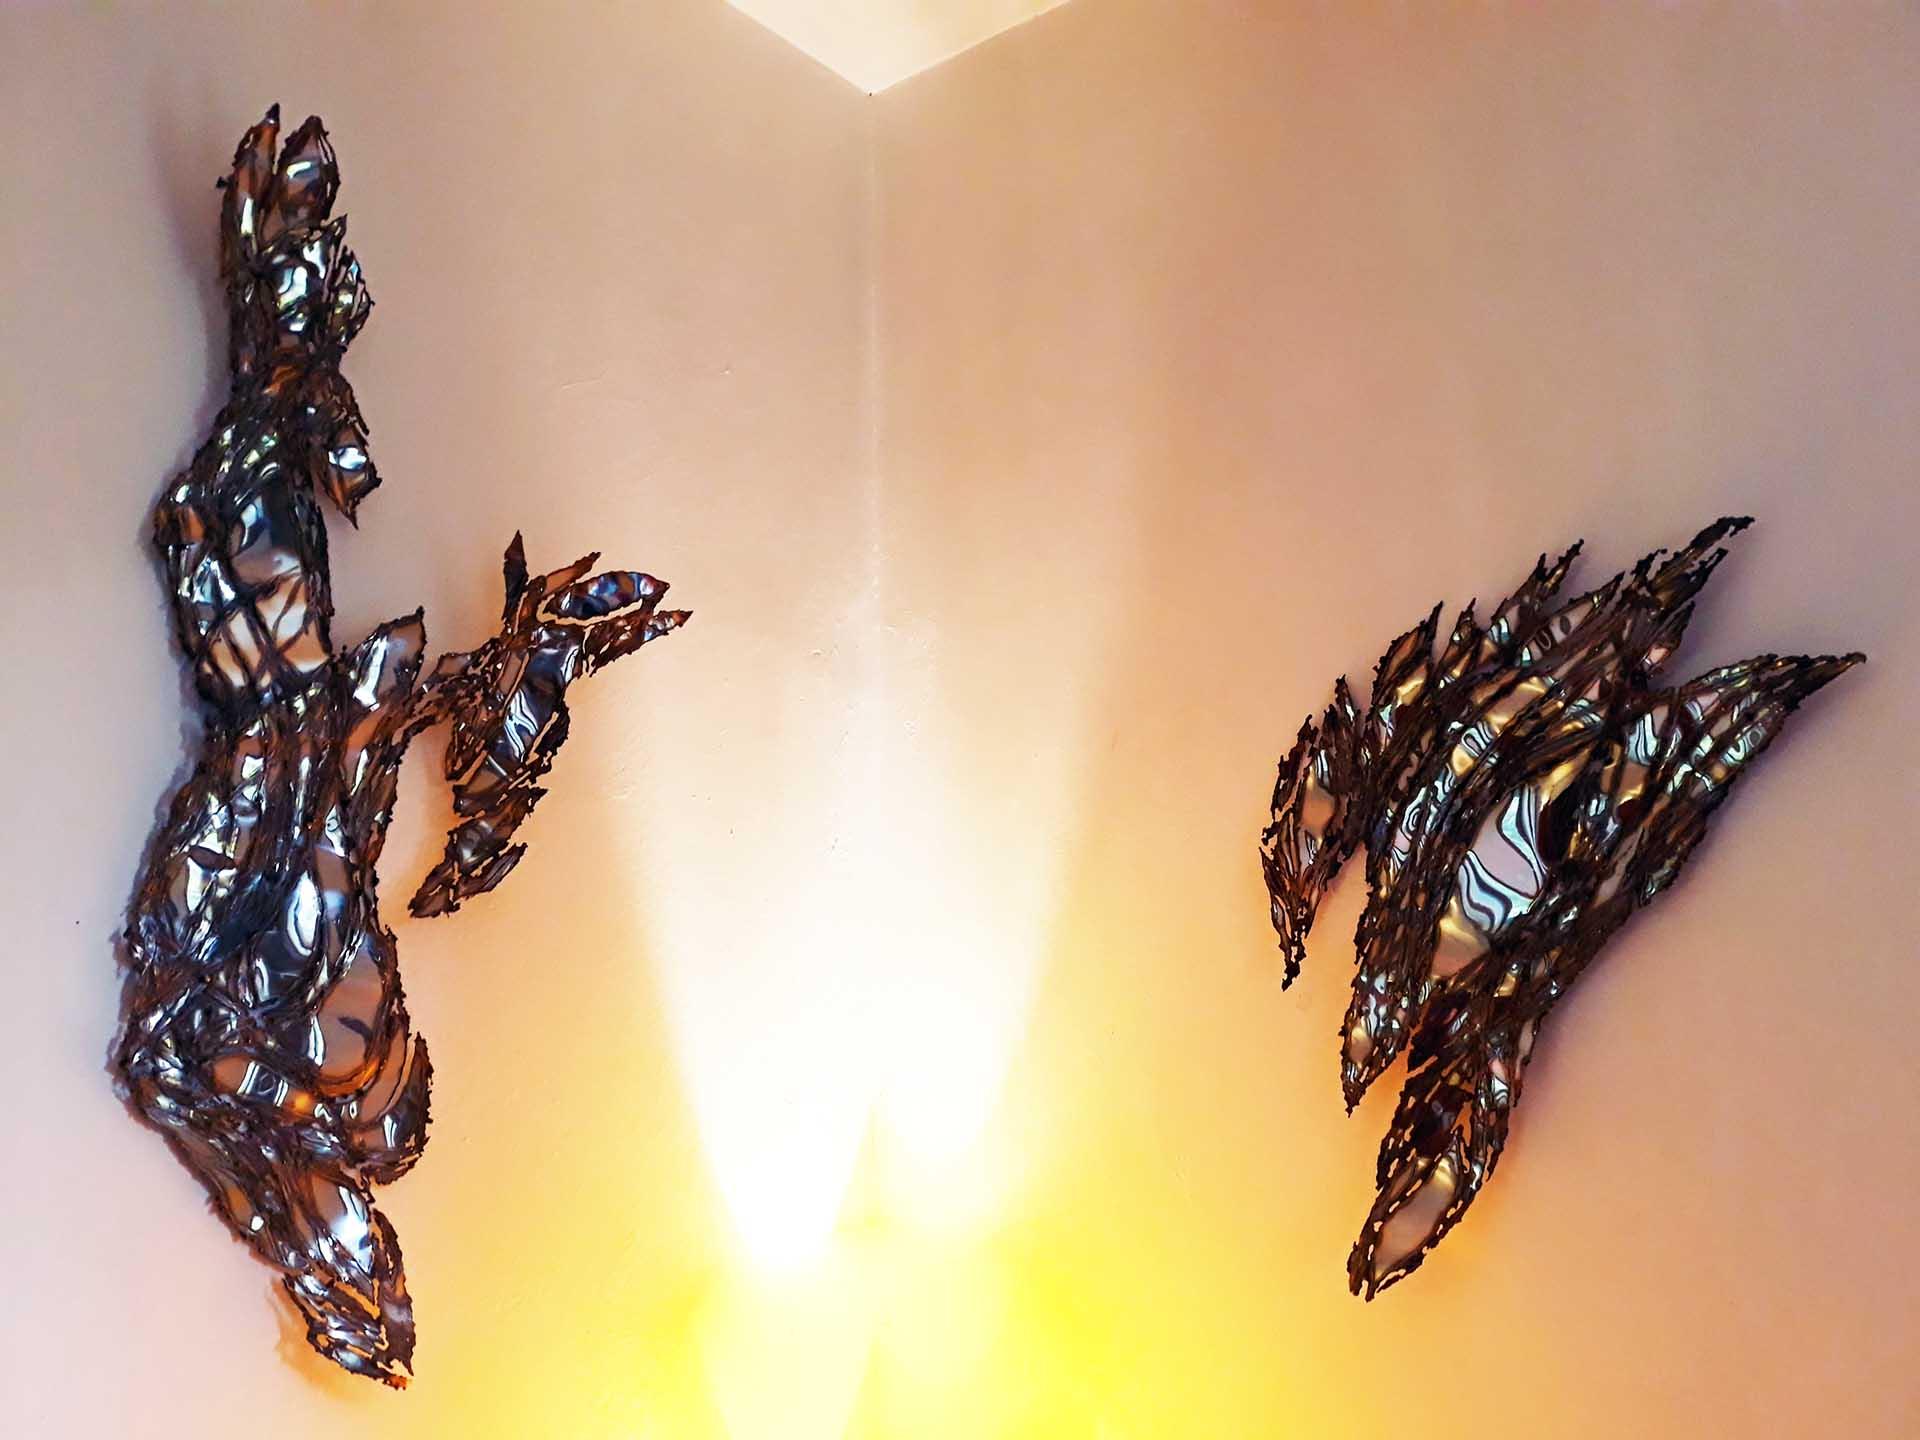 soffio-di-luce-abra-scultrice-del-fuoco